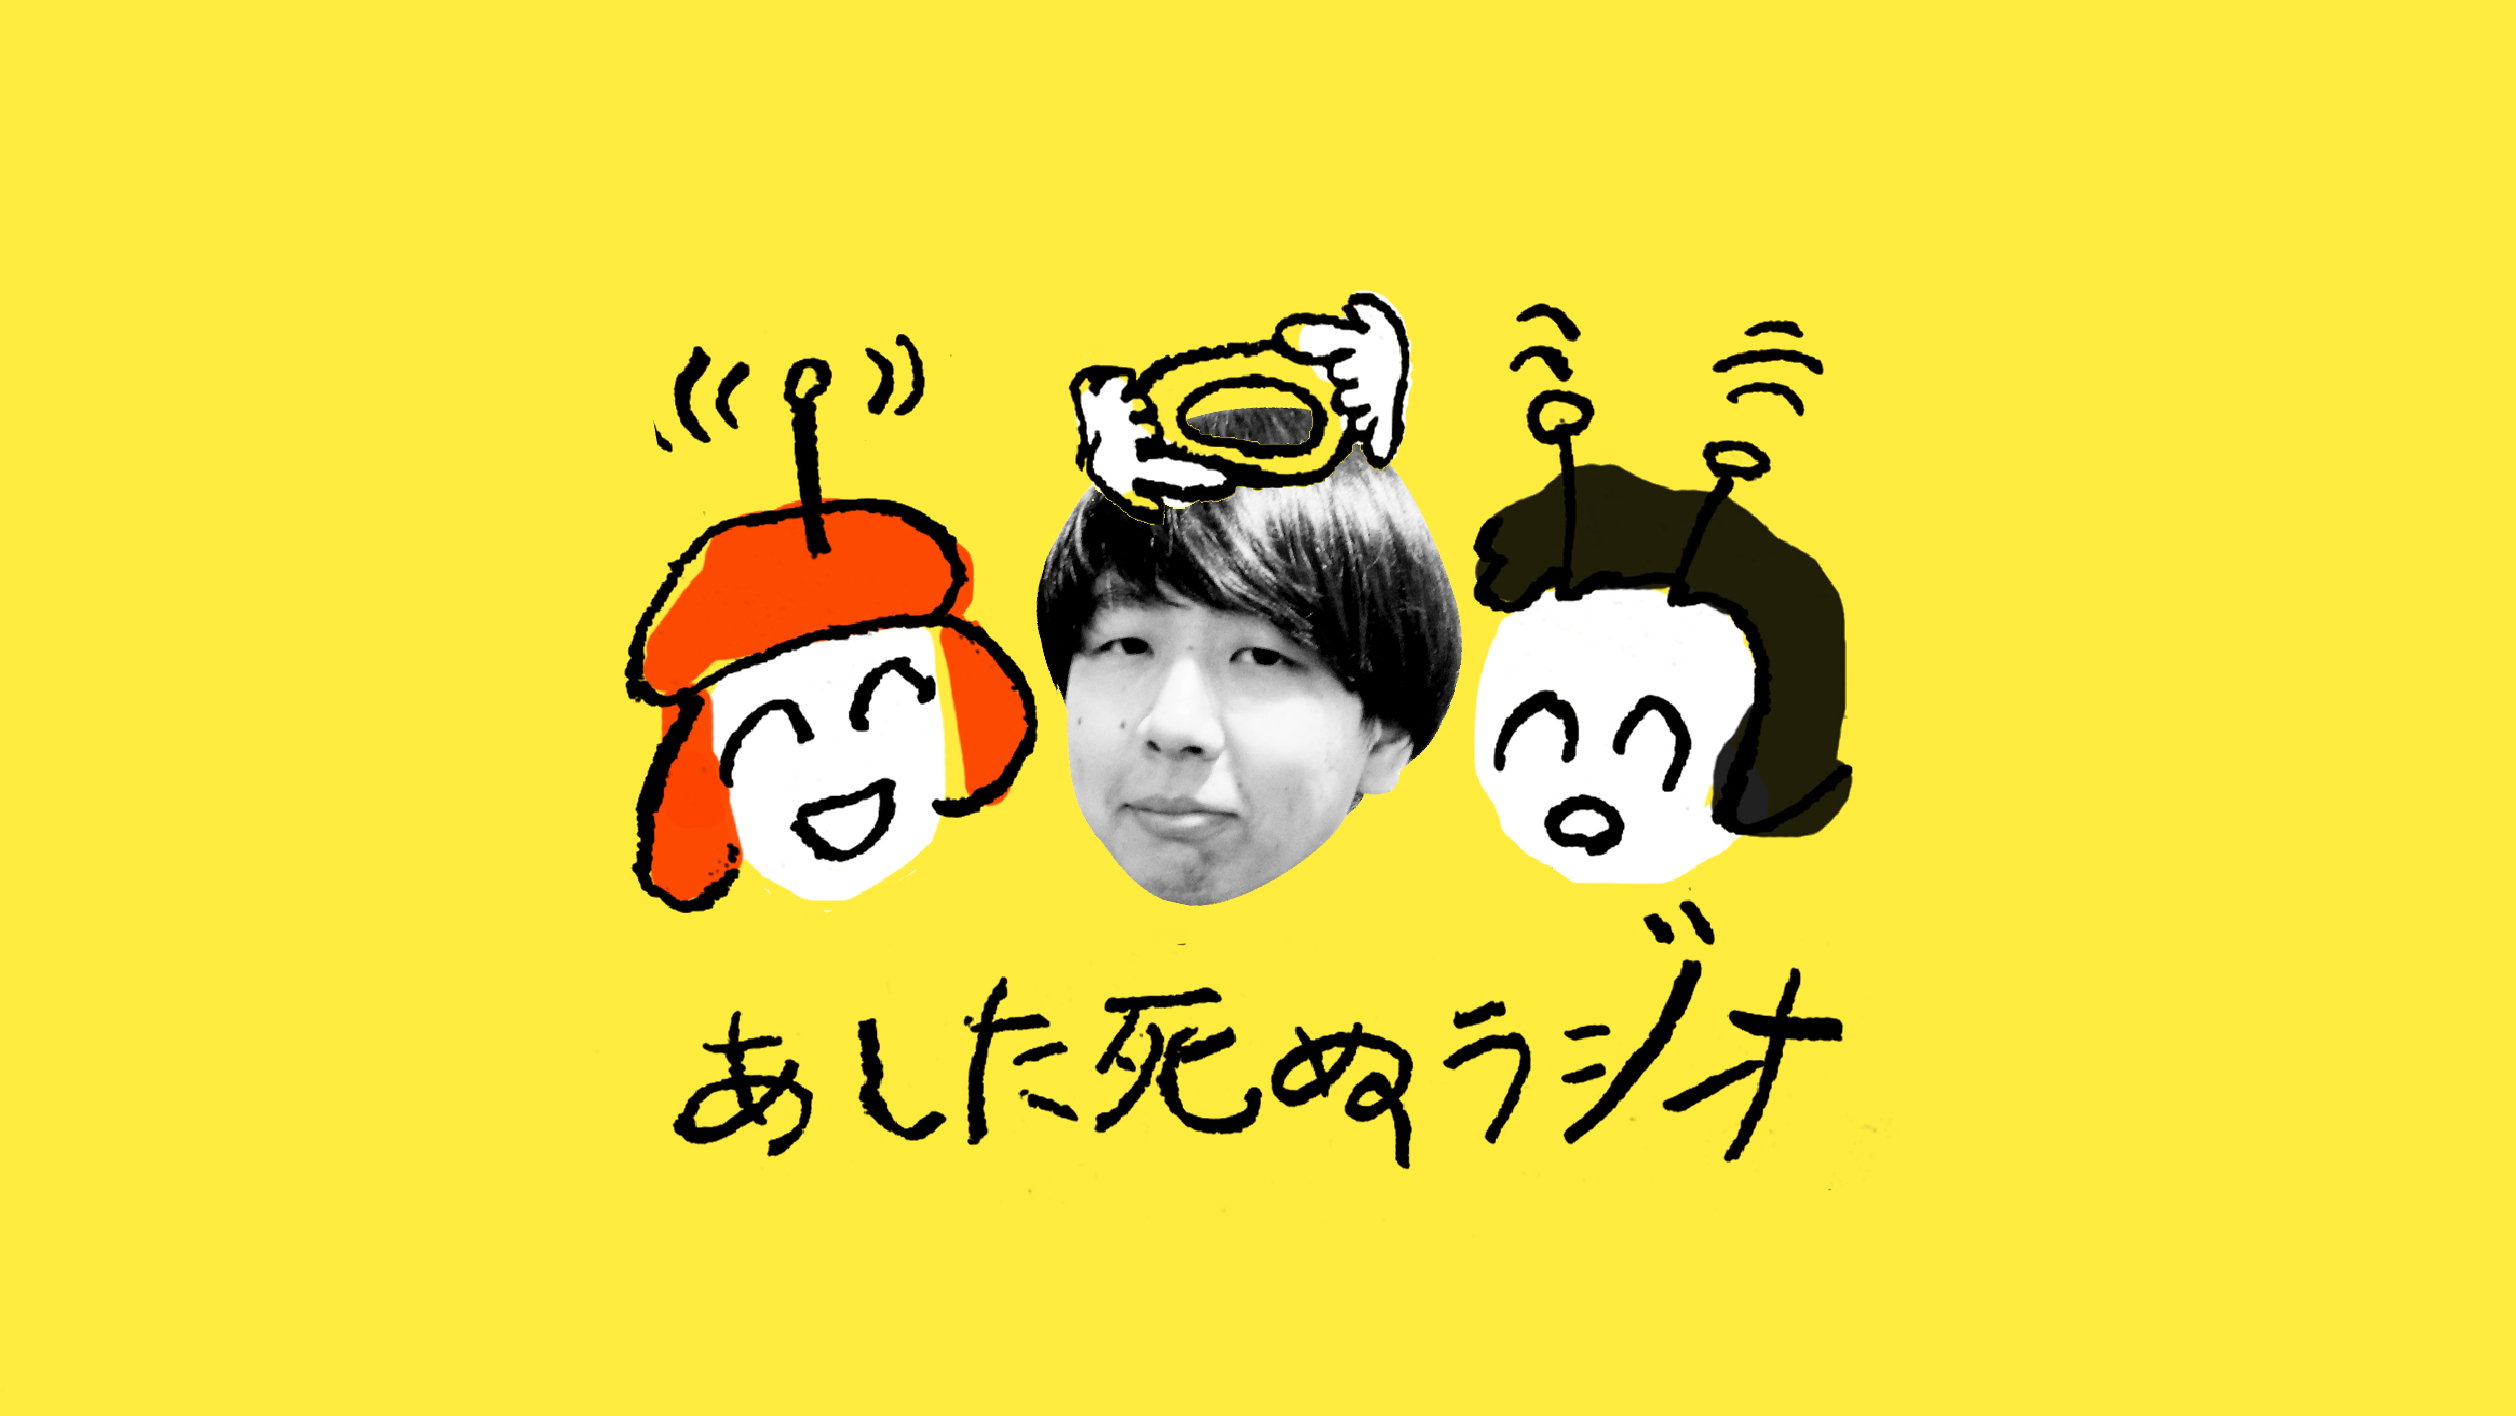 【あした死ぬラジオ】第6回「北野貴大」